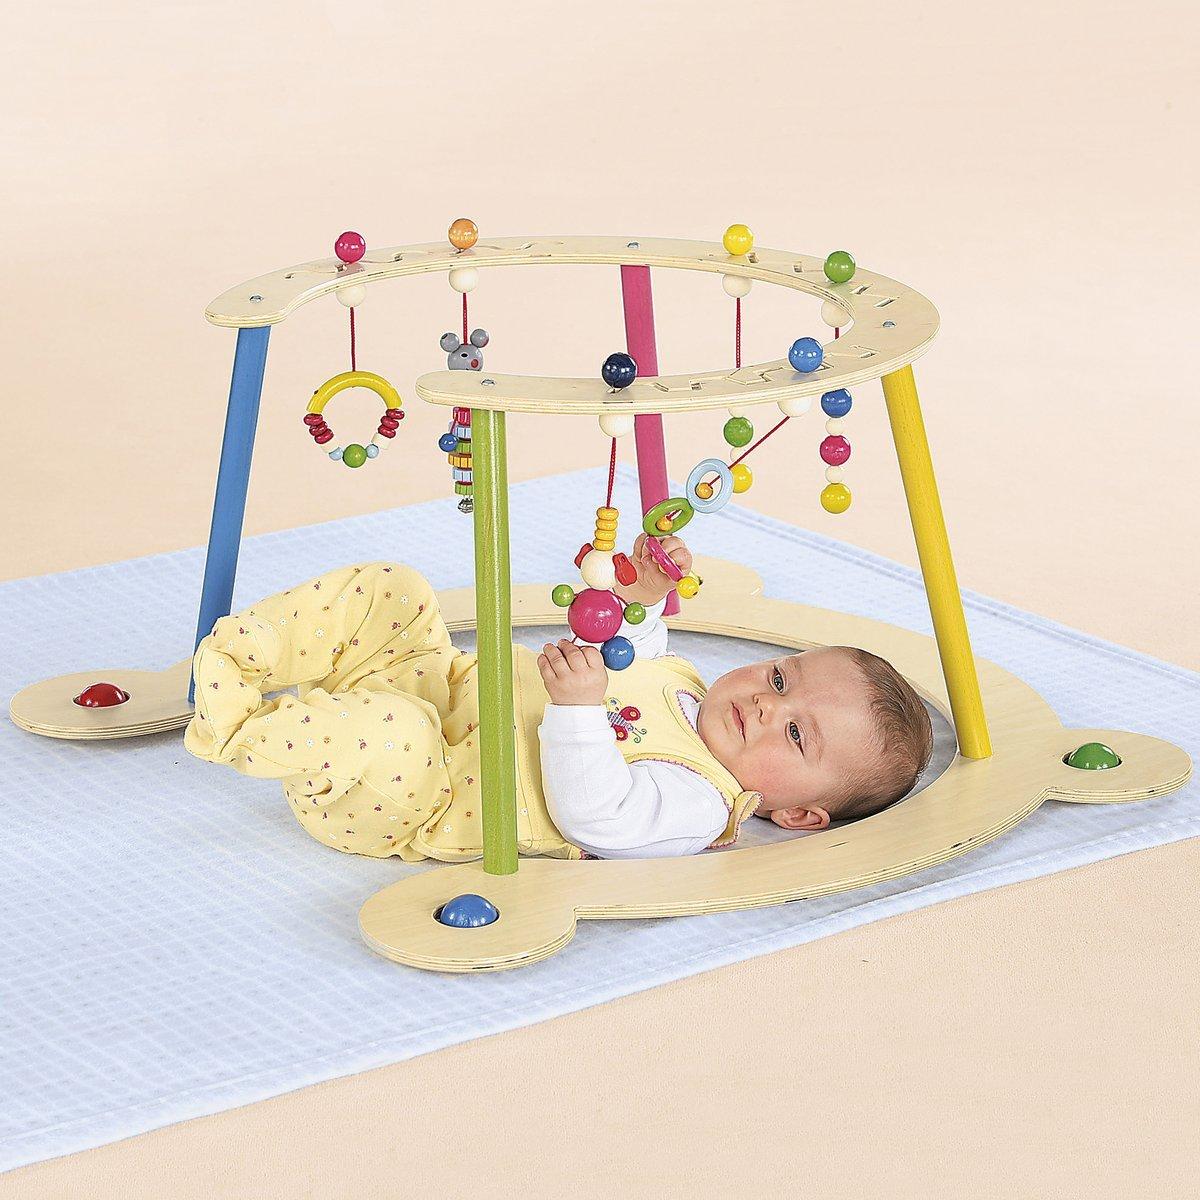 Hess Baby Spiel- und Lauflerngerät/Spielbogen aus Holz/Lauflernwagen ab 6 Monate/Höhe: 32 cm HESS SPIELZEUG